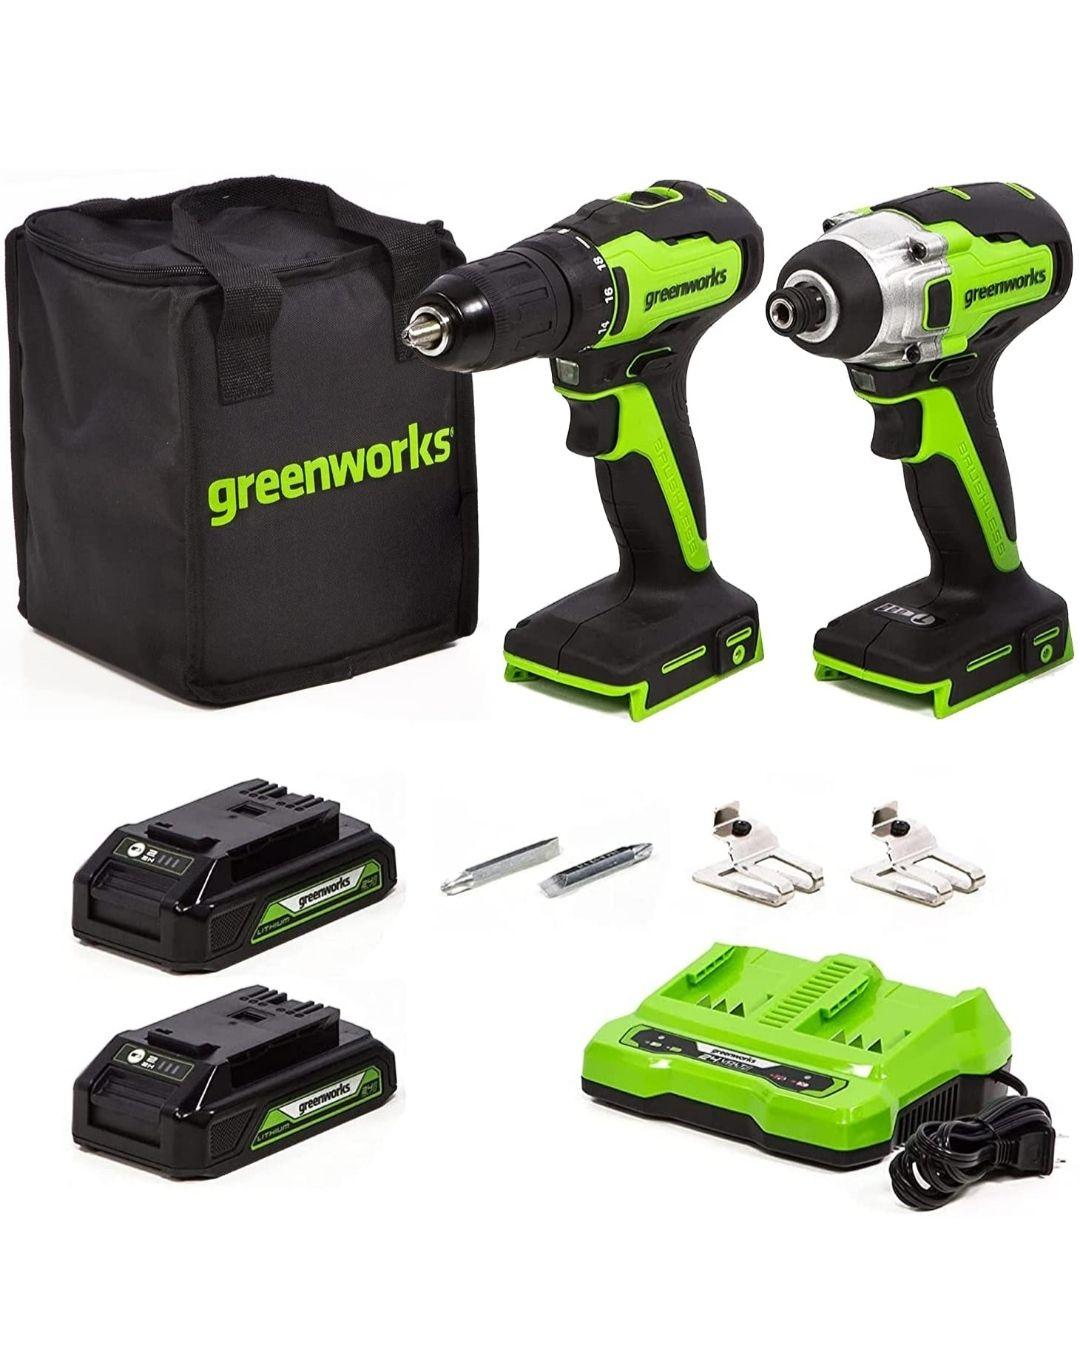 Ensemble perceuse visseuse + visseuse à choc Greenworks 24V brushless + 2 batteries 2Ah + chargeur double (Vendeur Tiers)